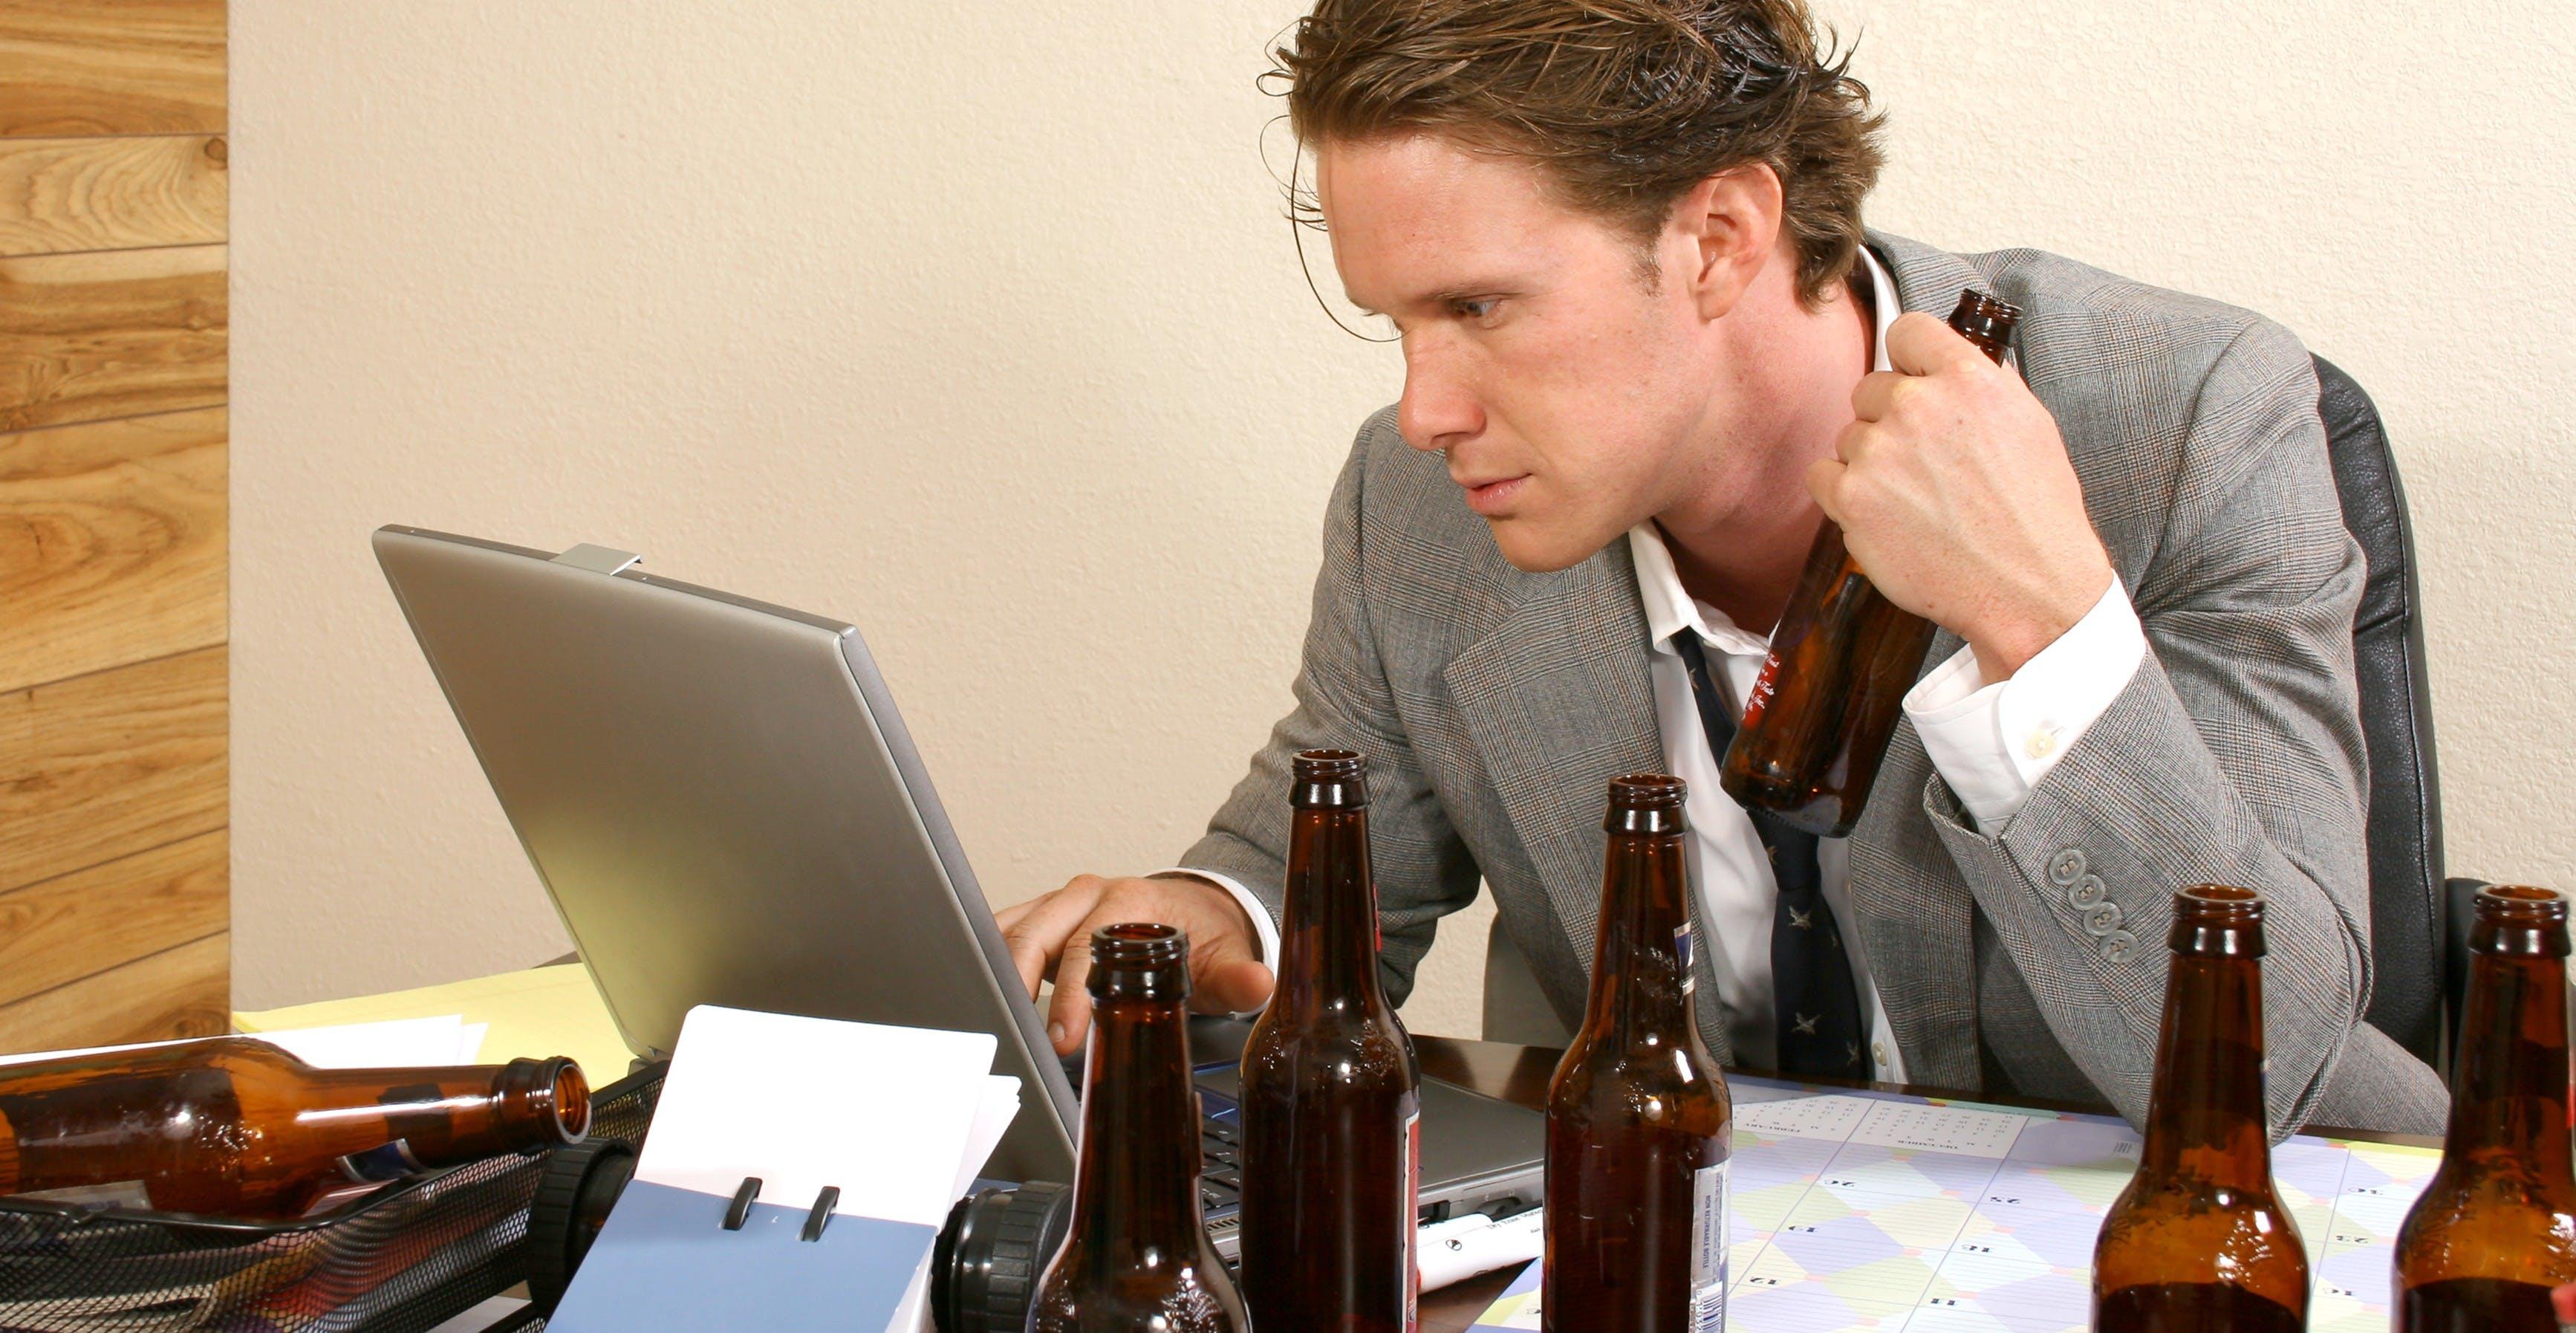 Алкоголь повышает креативность